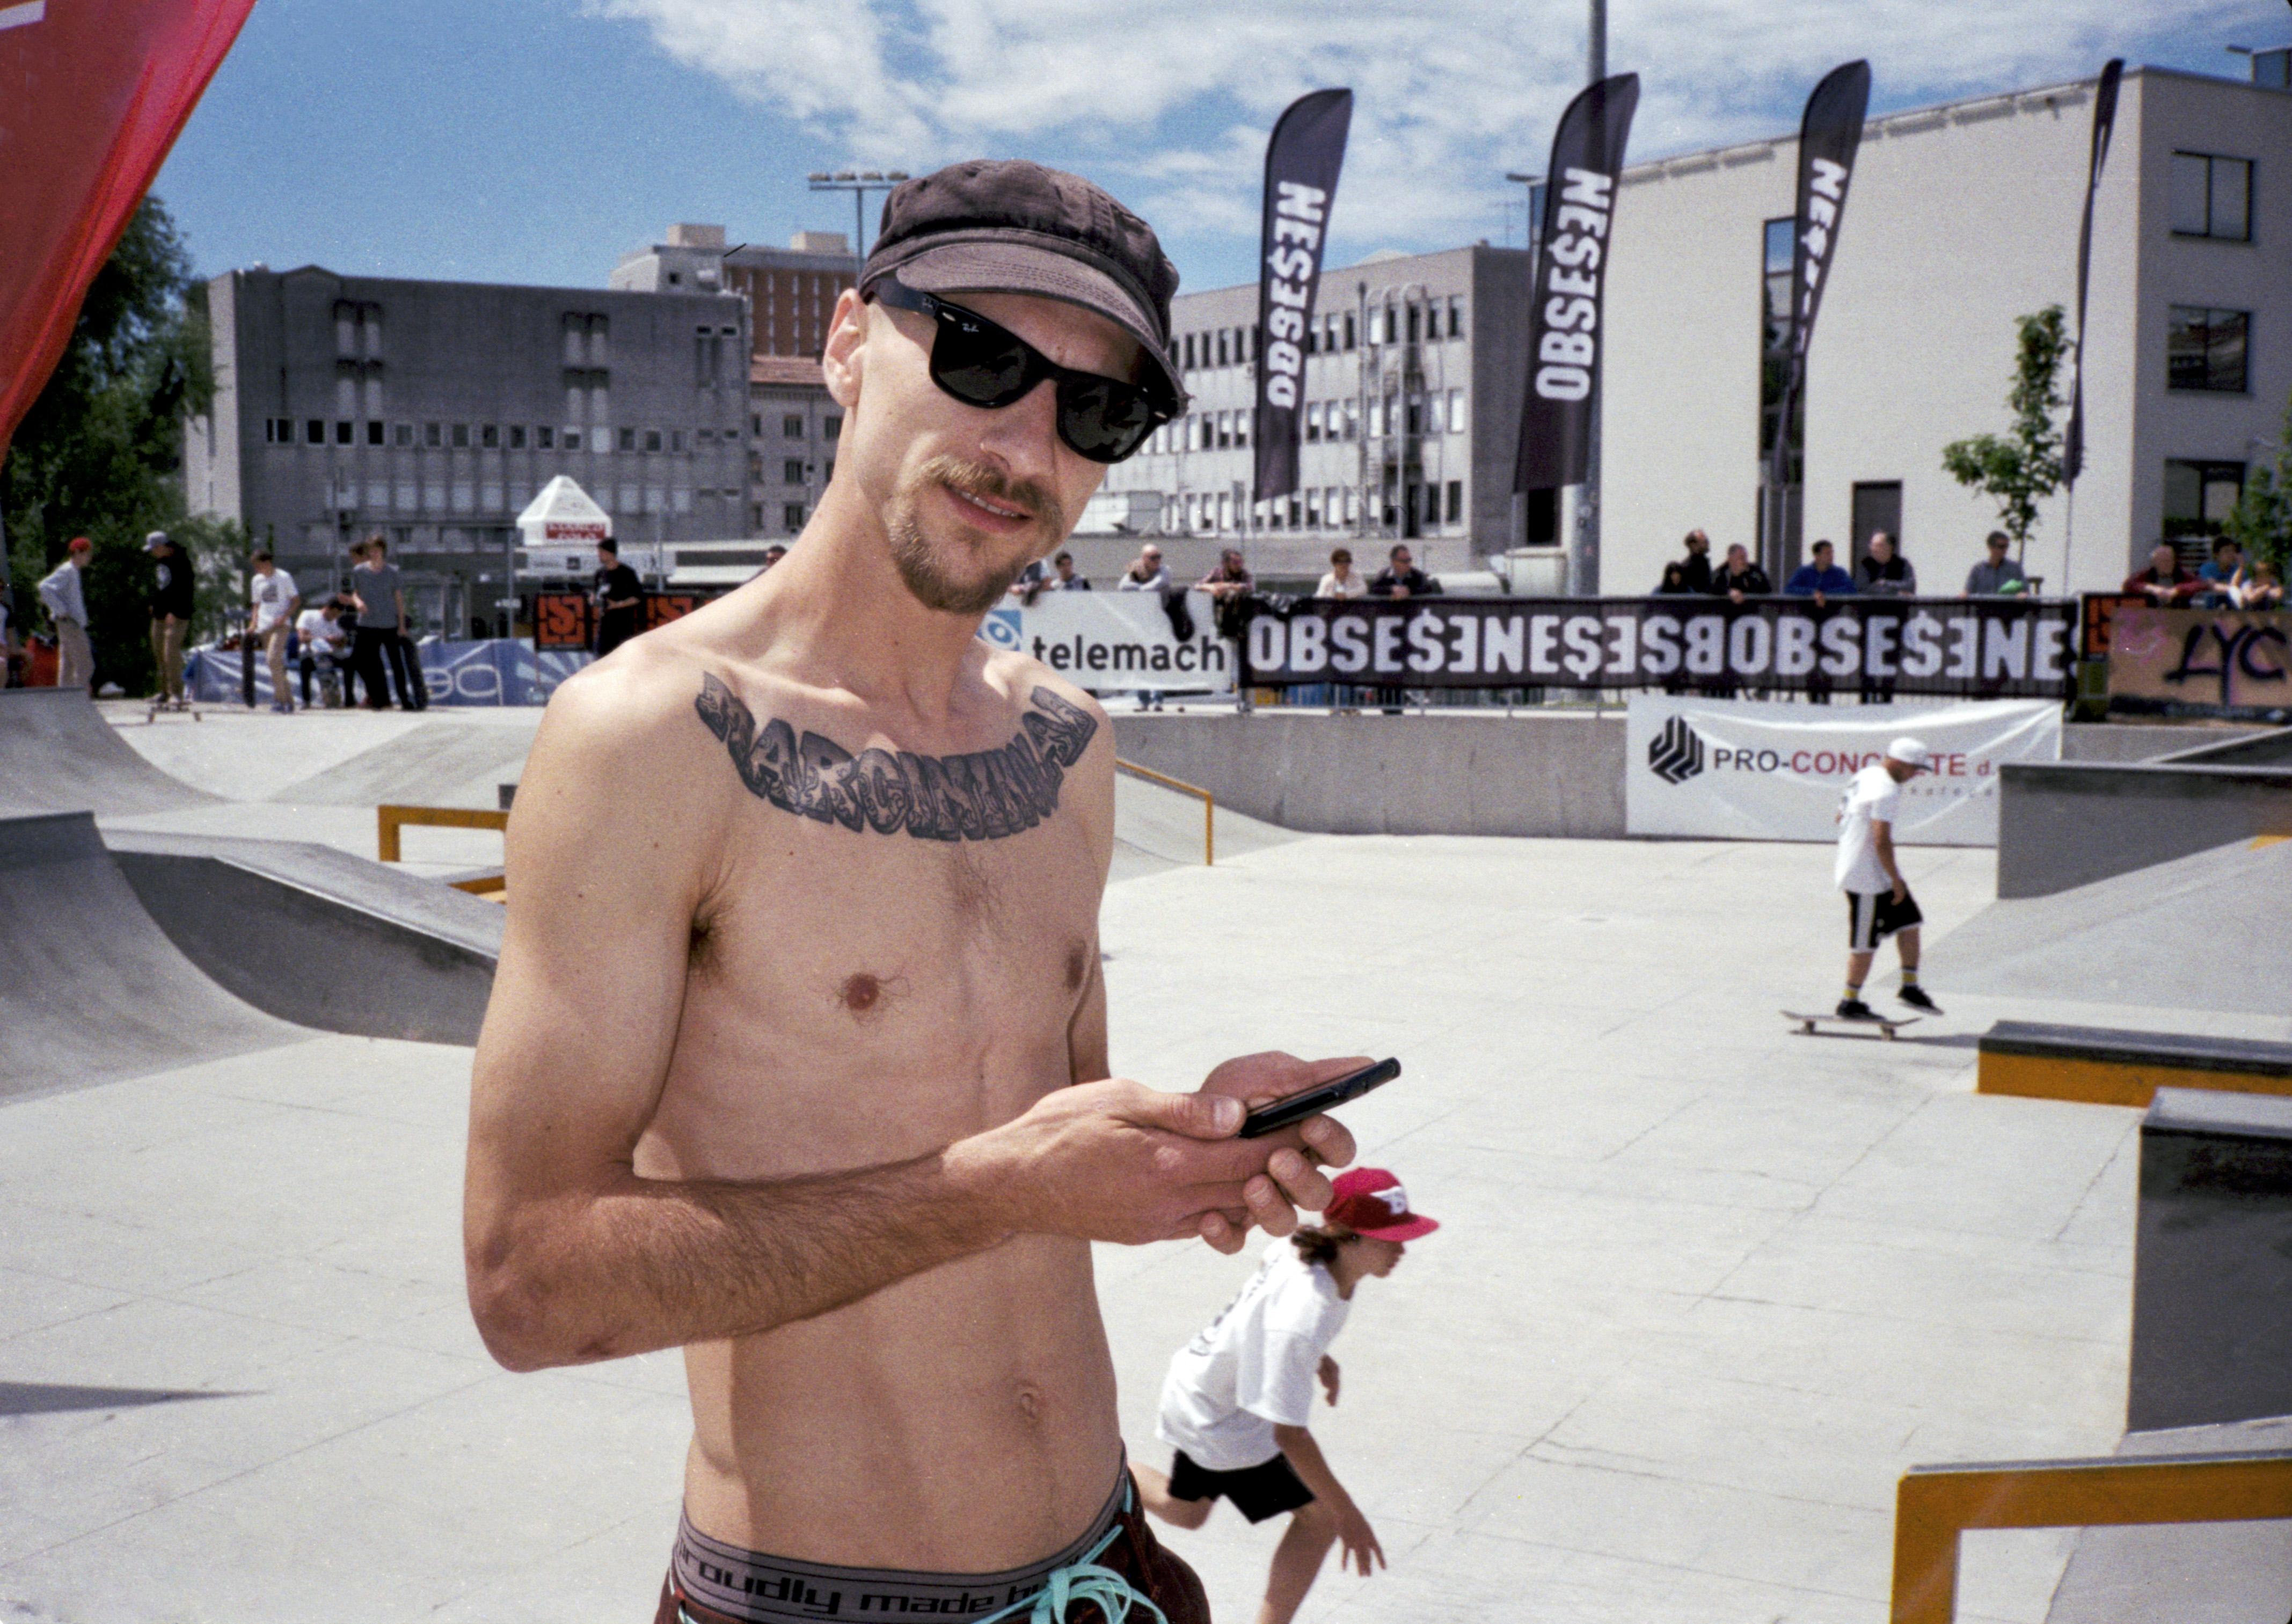 Sta per iniziare la seconda edizione dello Skate e Surf Film Festival   Collater.al 5